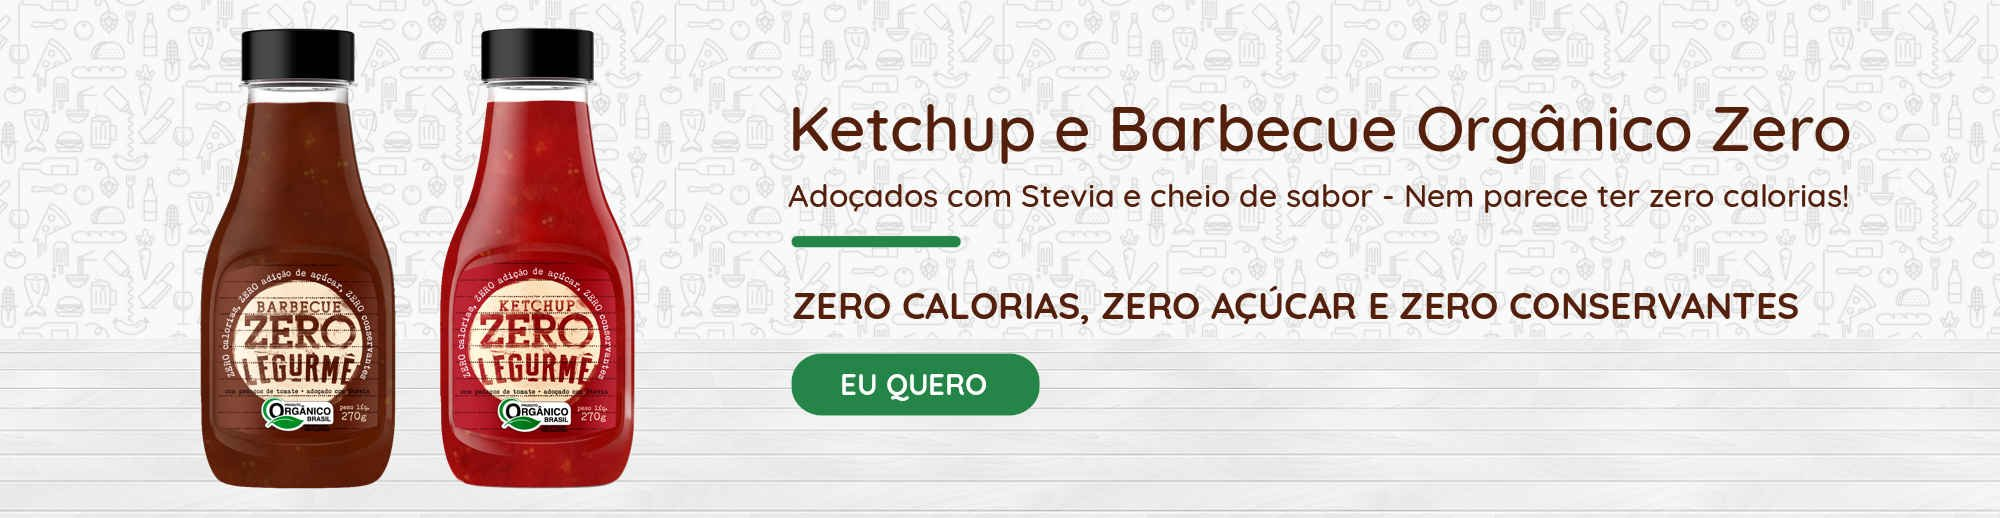 Ketchup e Barbecue Zero